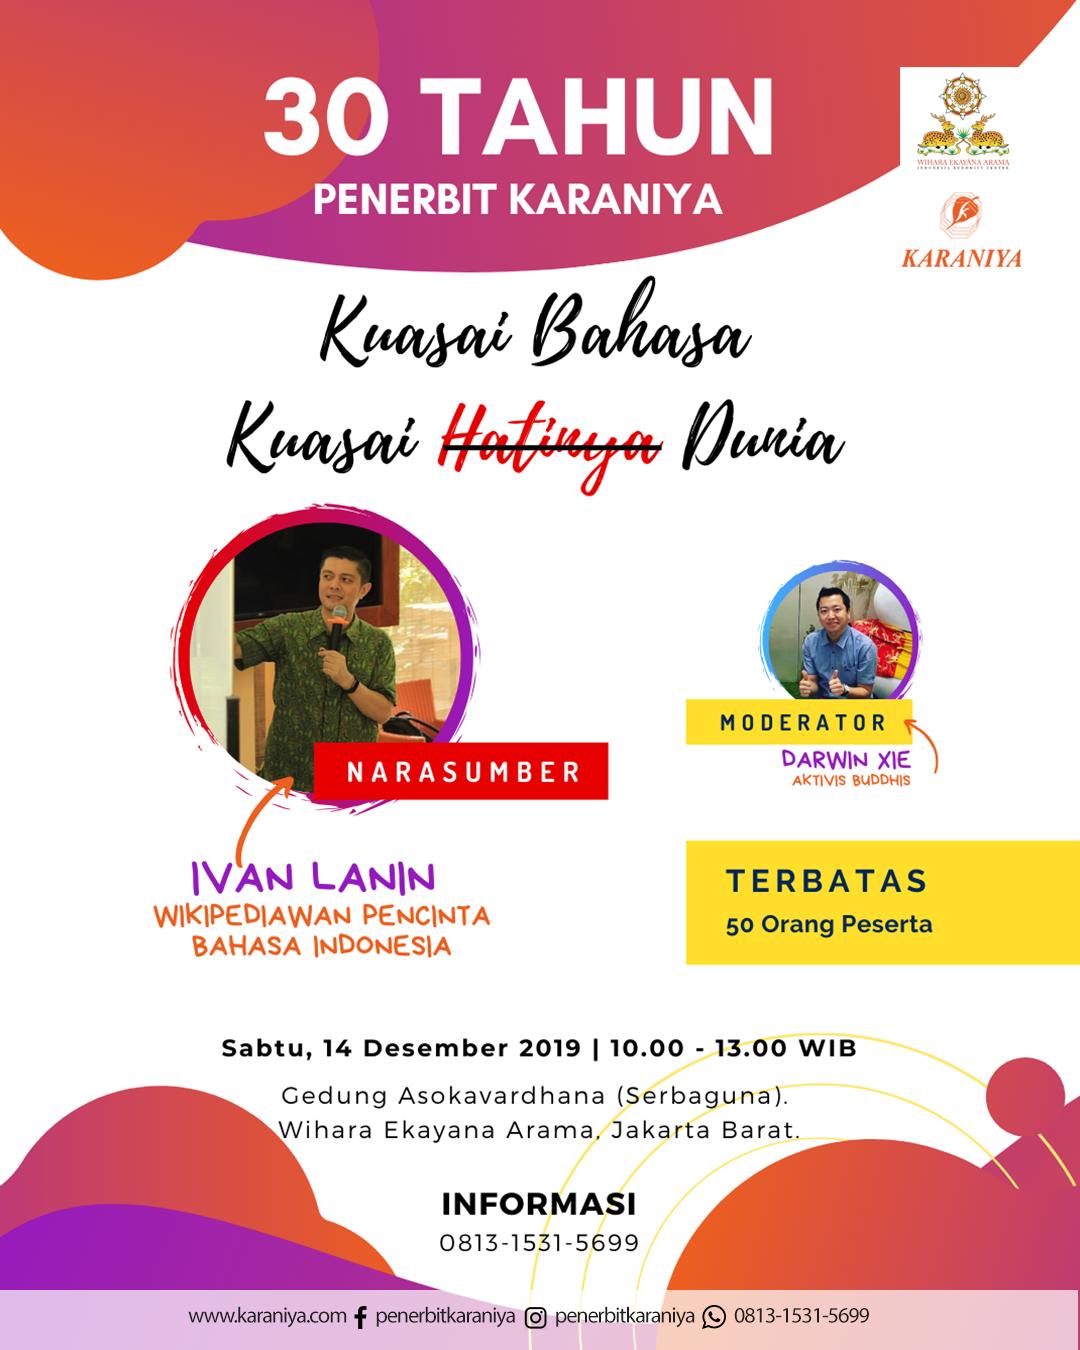 30 Tahun Penerbit Karaniya